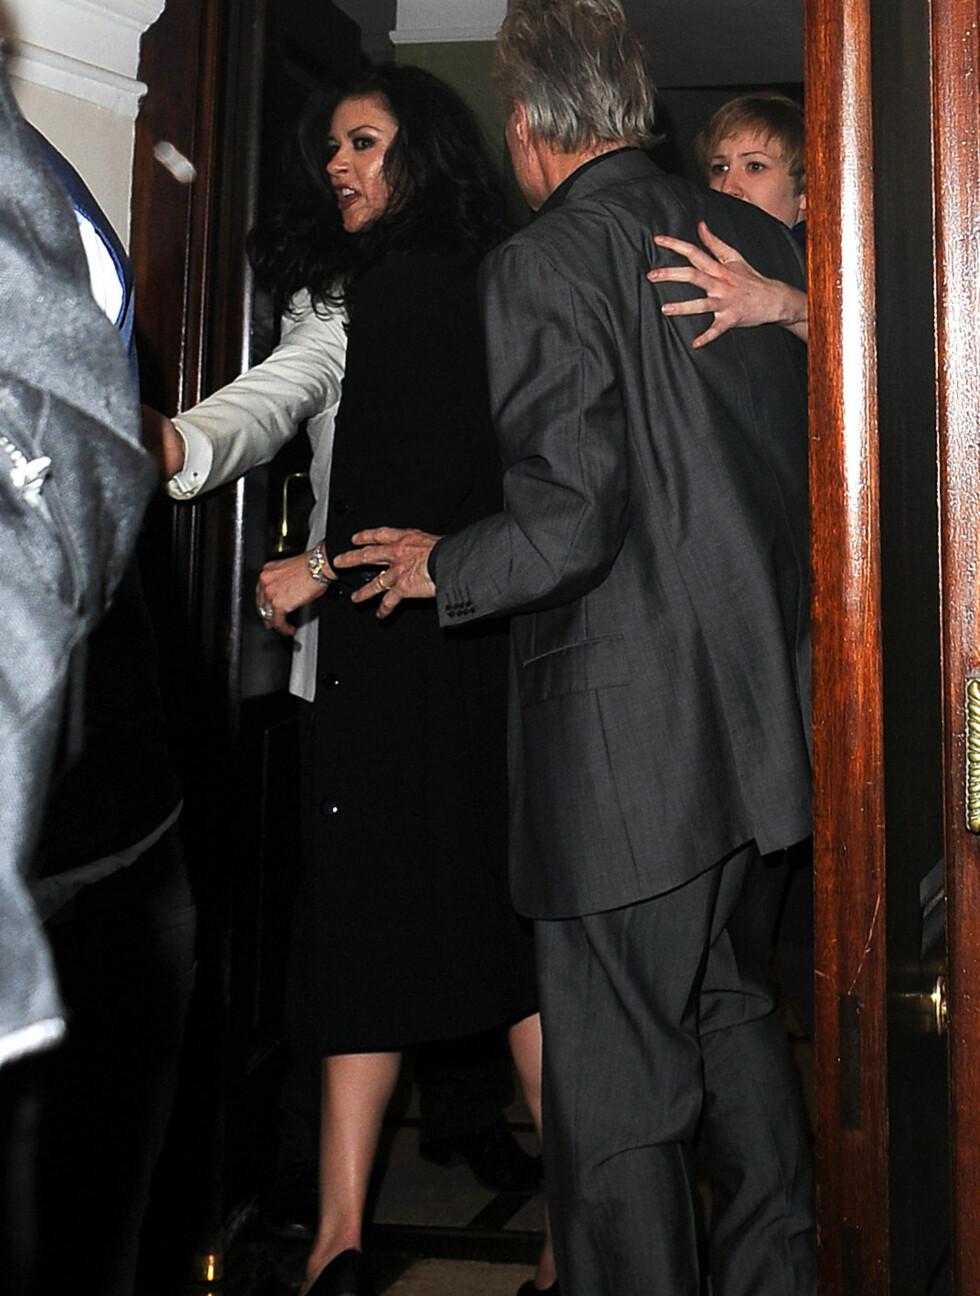 HVIS BLIKK KUNNE DREPE...: Det er ikke mye skuespill over denne reaksjone fra Catherine Zeta-Jones. Foto: All Over Press